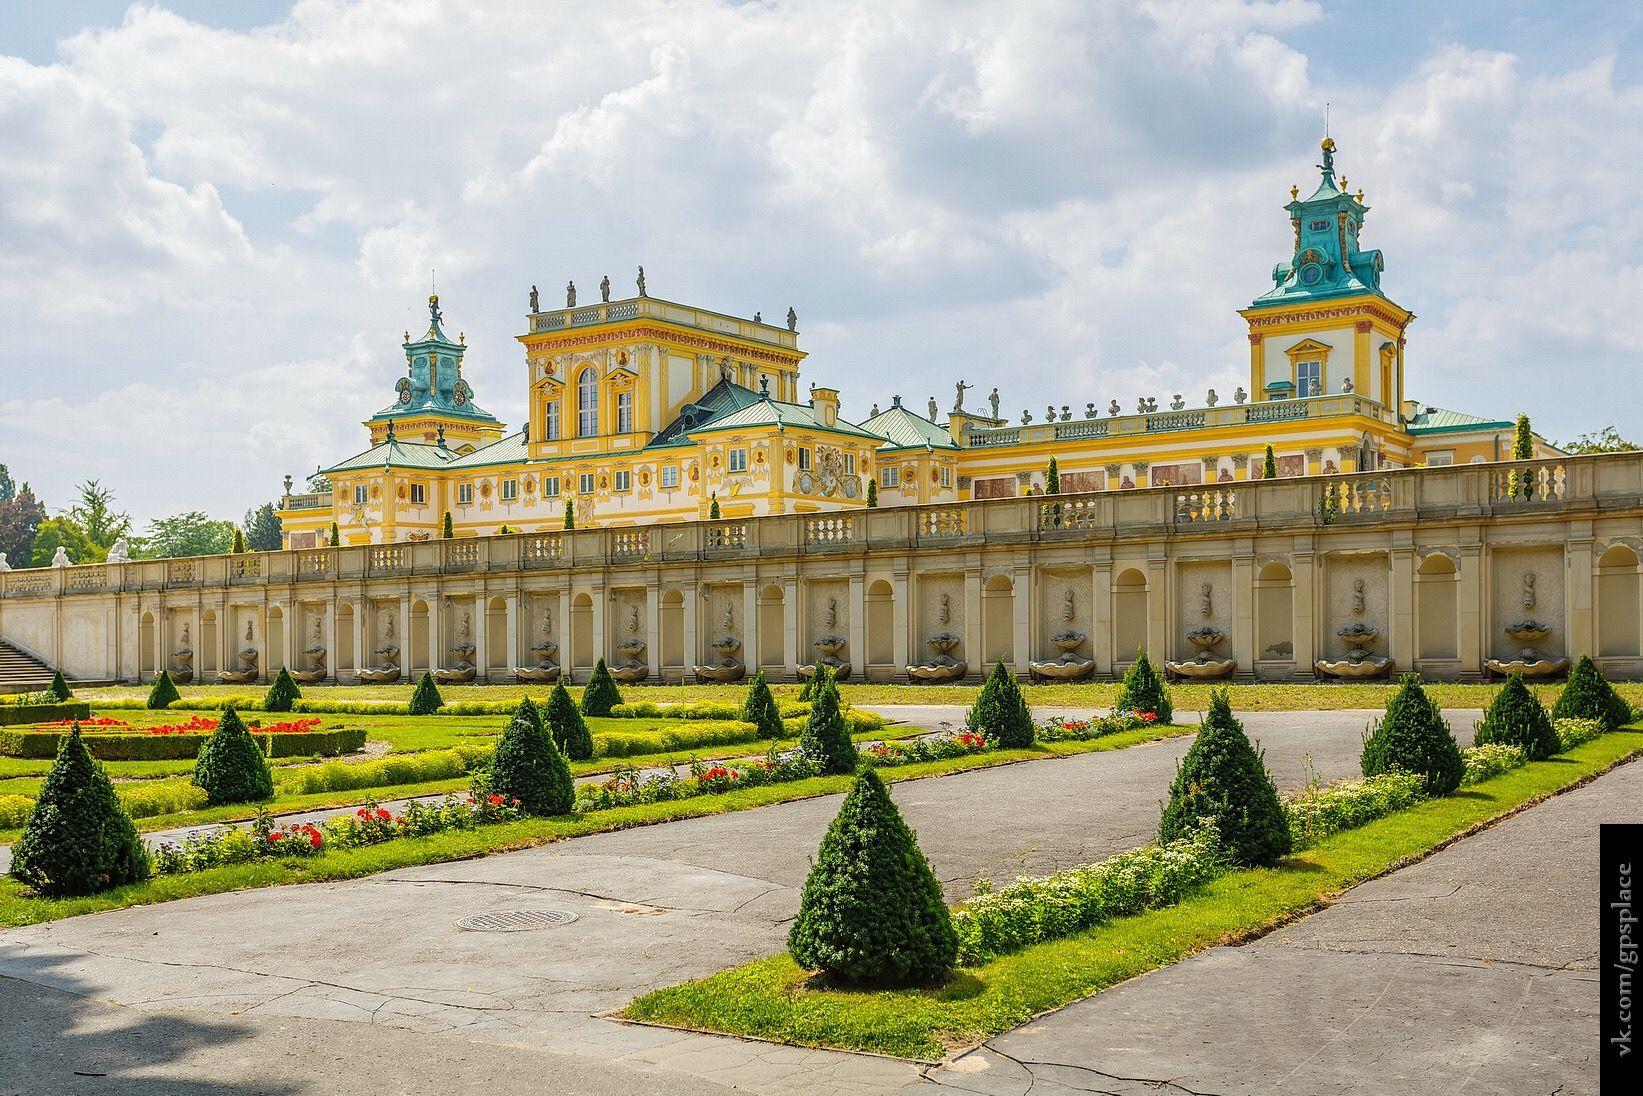 Pin von Tana auf Усадьбы и дворцы | Burg, Polen